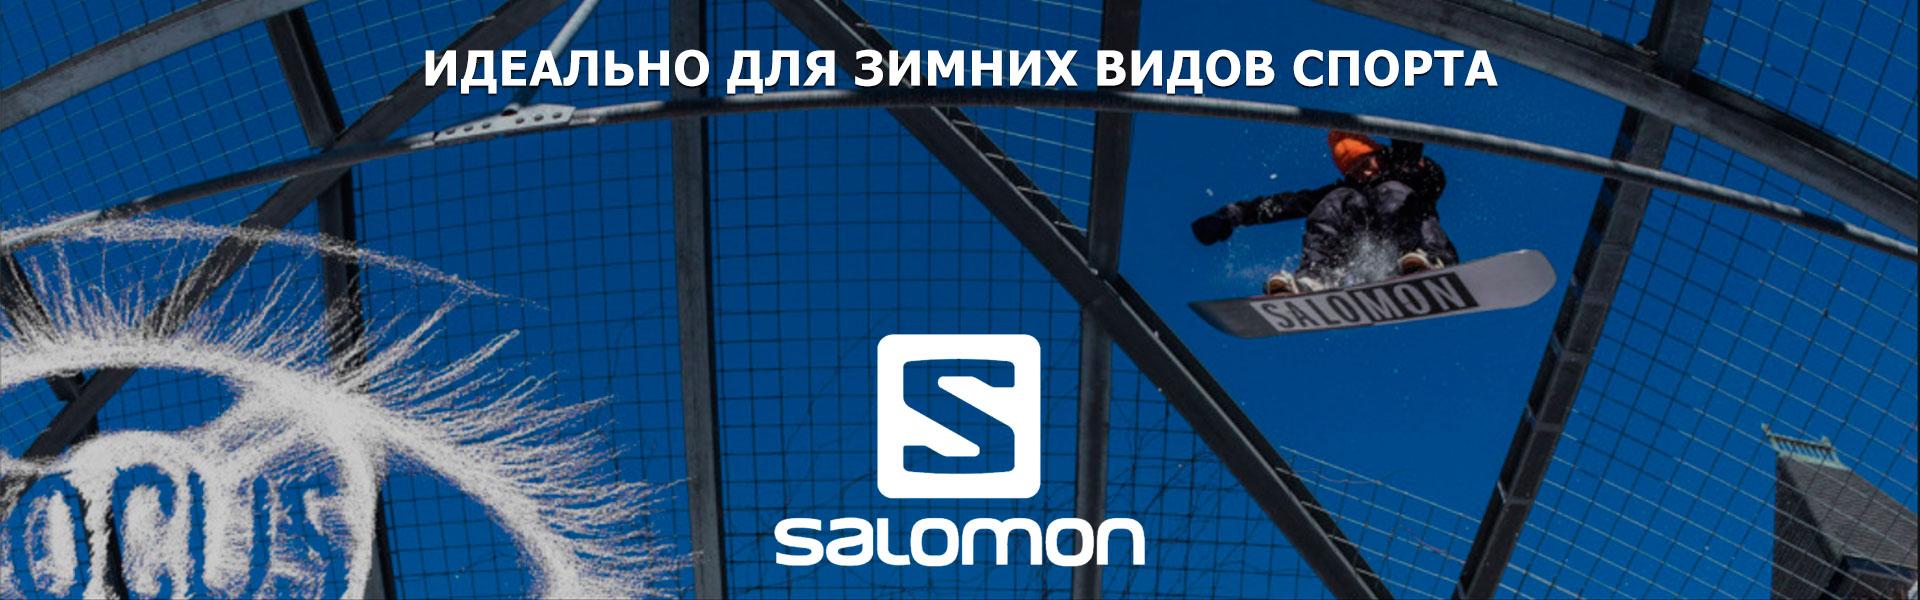 Экипировка для зимних видов спорта Salomon